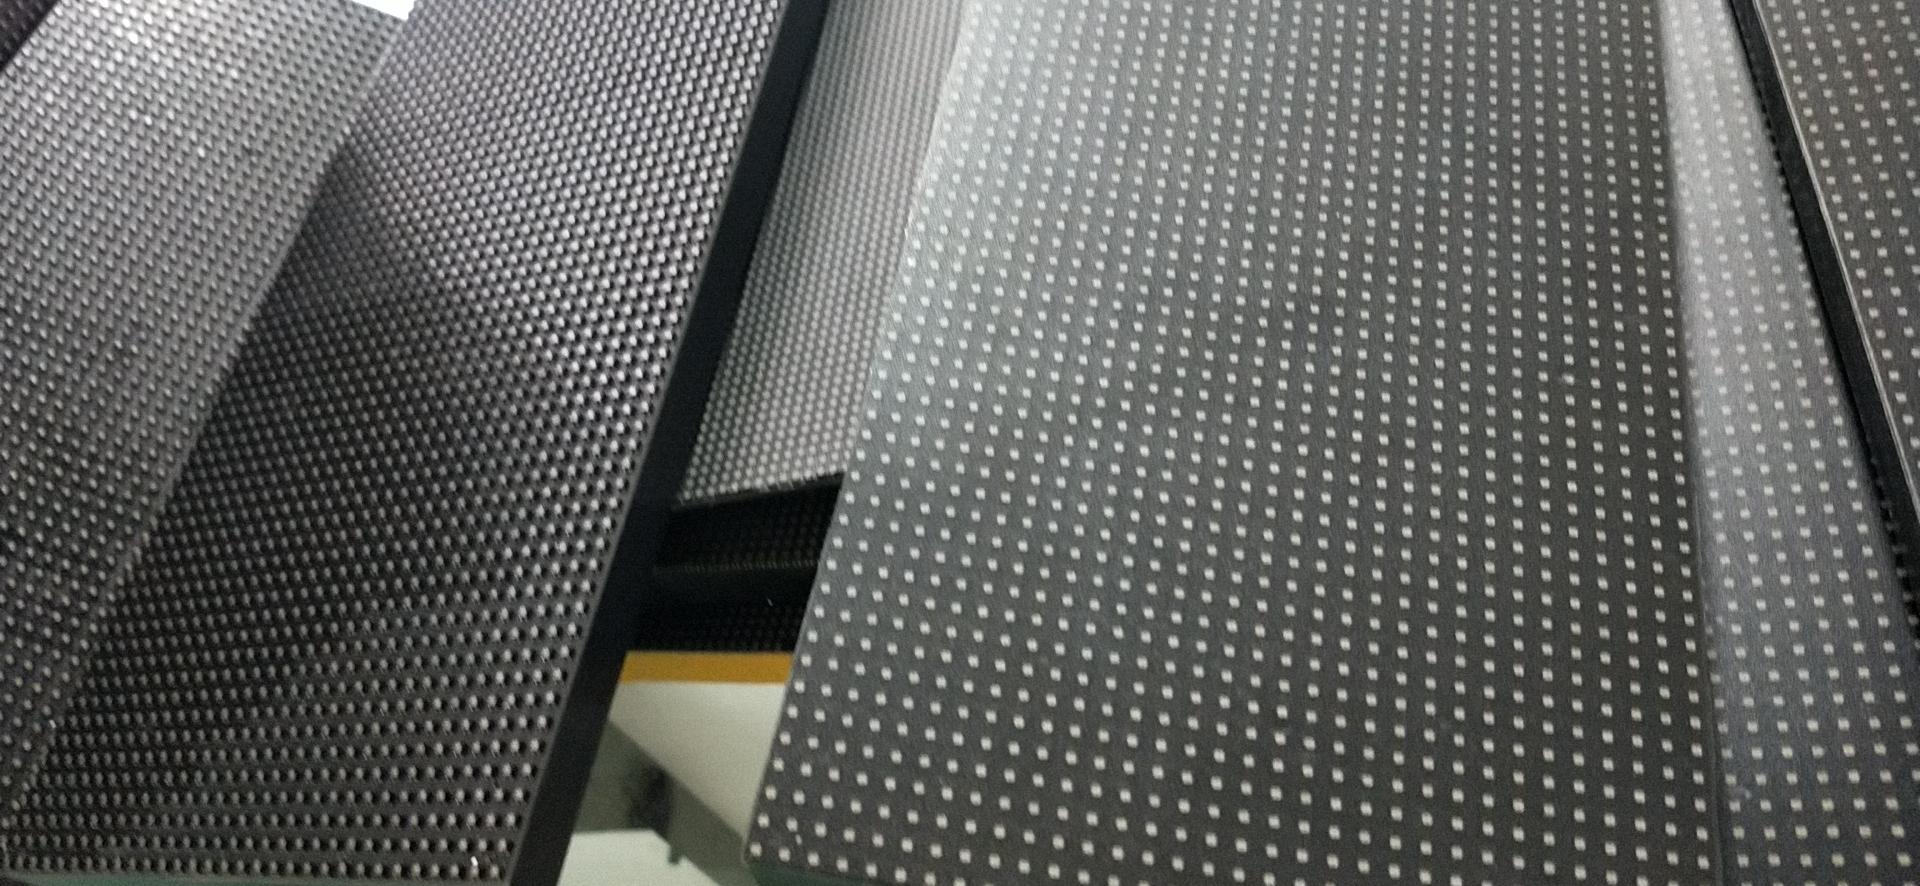 东莞 LED显示屏滴胶加工厂家 滴胶加工价格 滴胶加工生产工艺 滴胶加工供应商